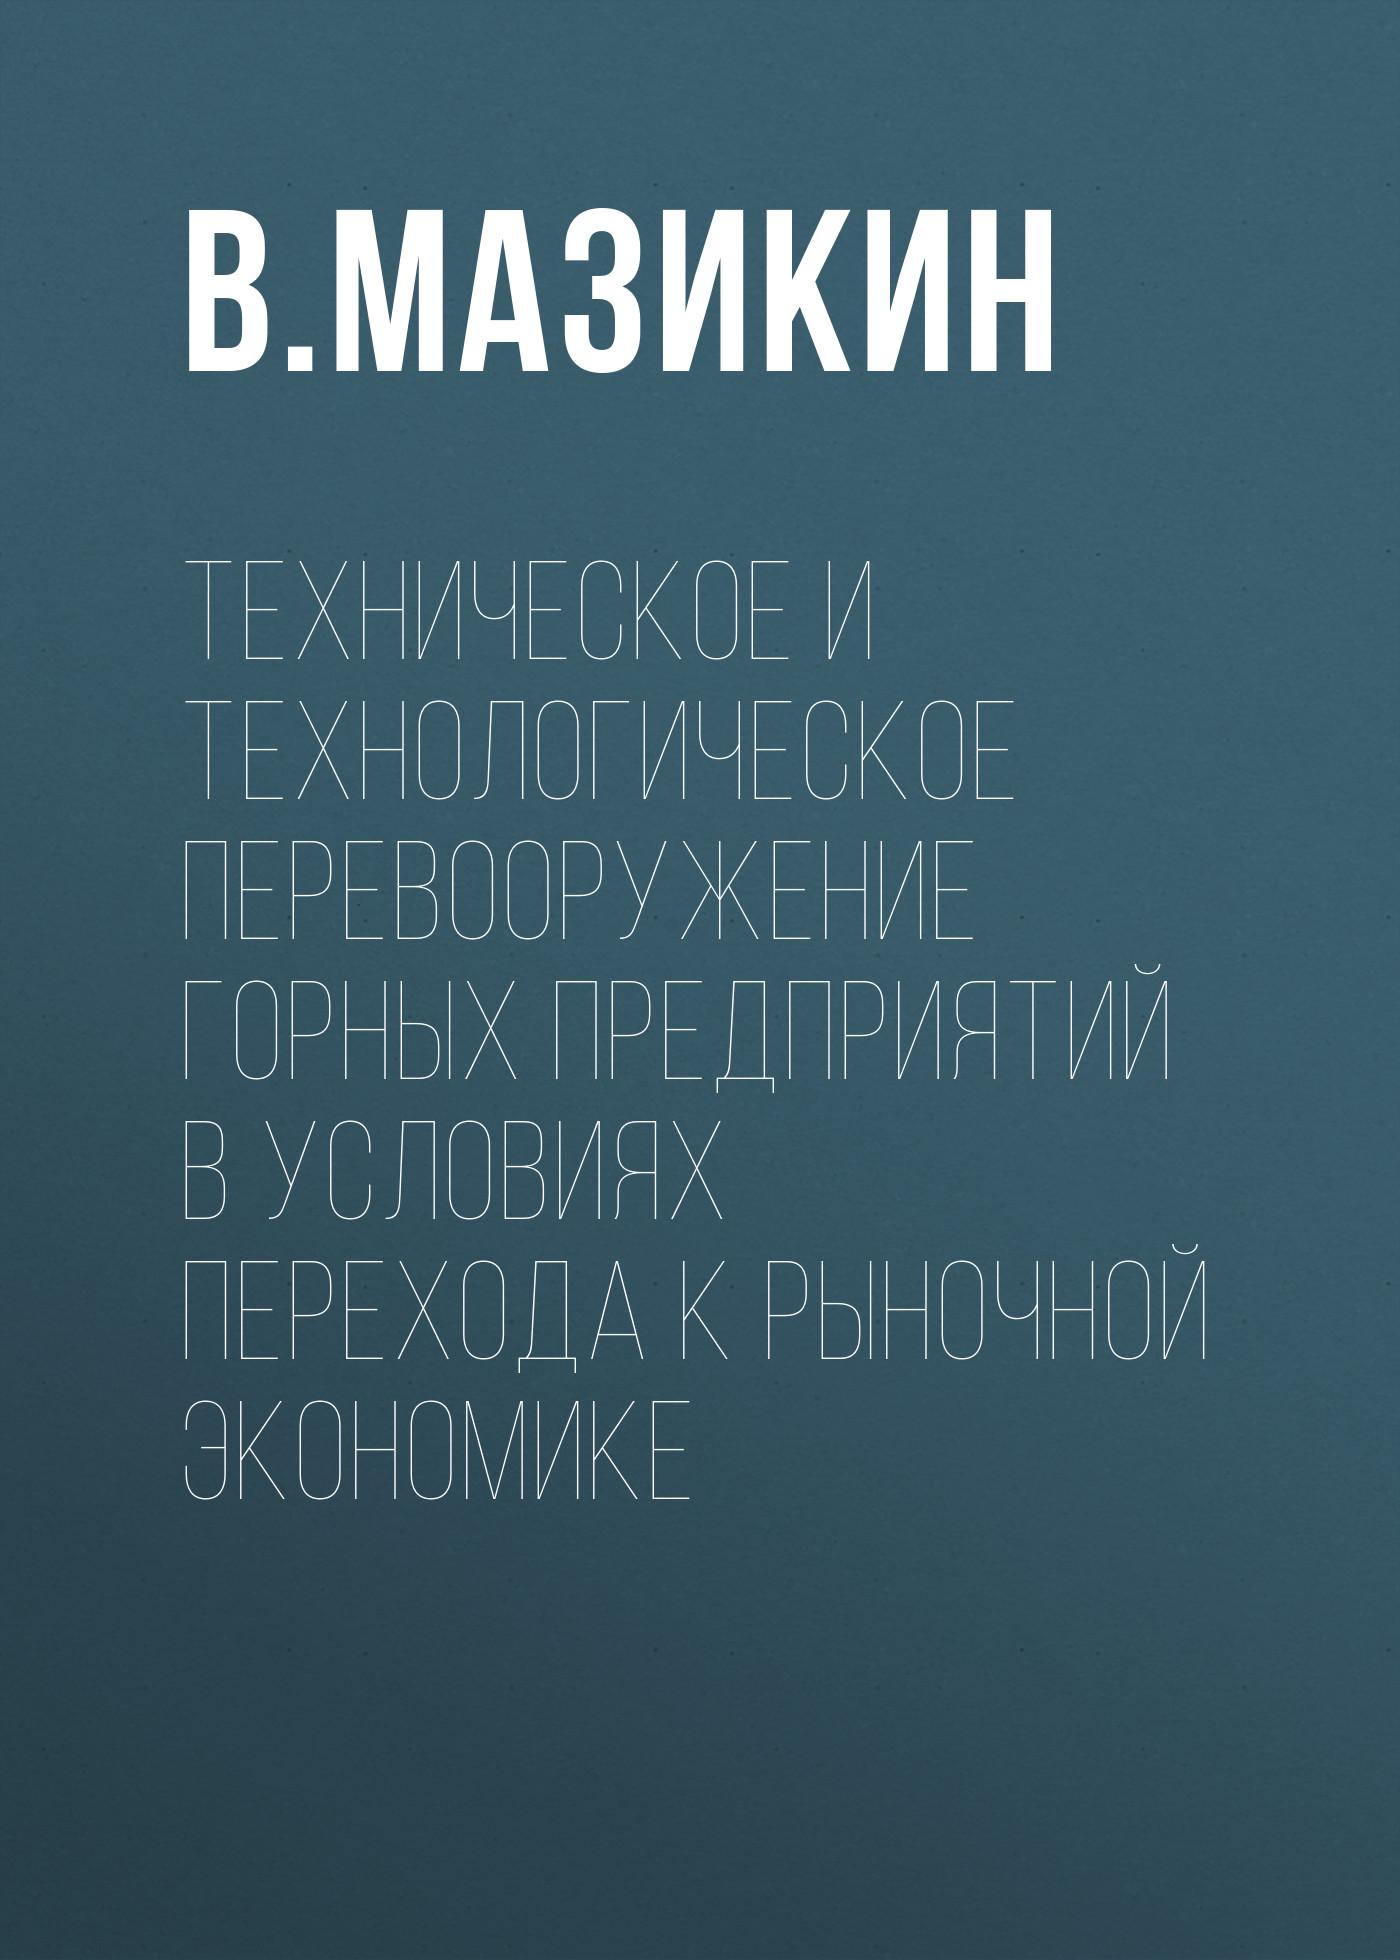 В. Мазикин Техническое и технологическое перевооружение горных предприятий в условиях перехода к рыночной экономике